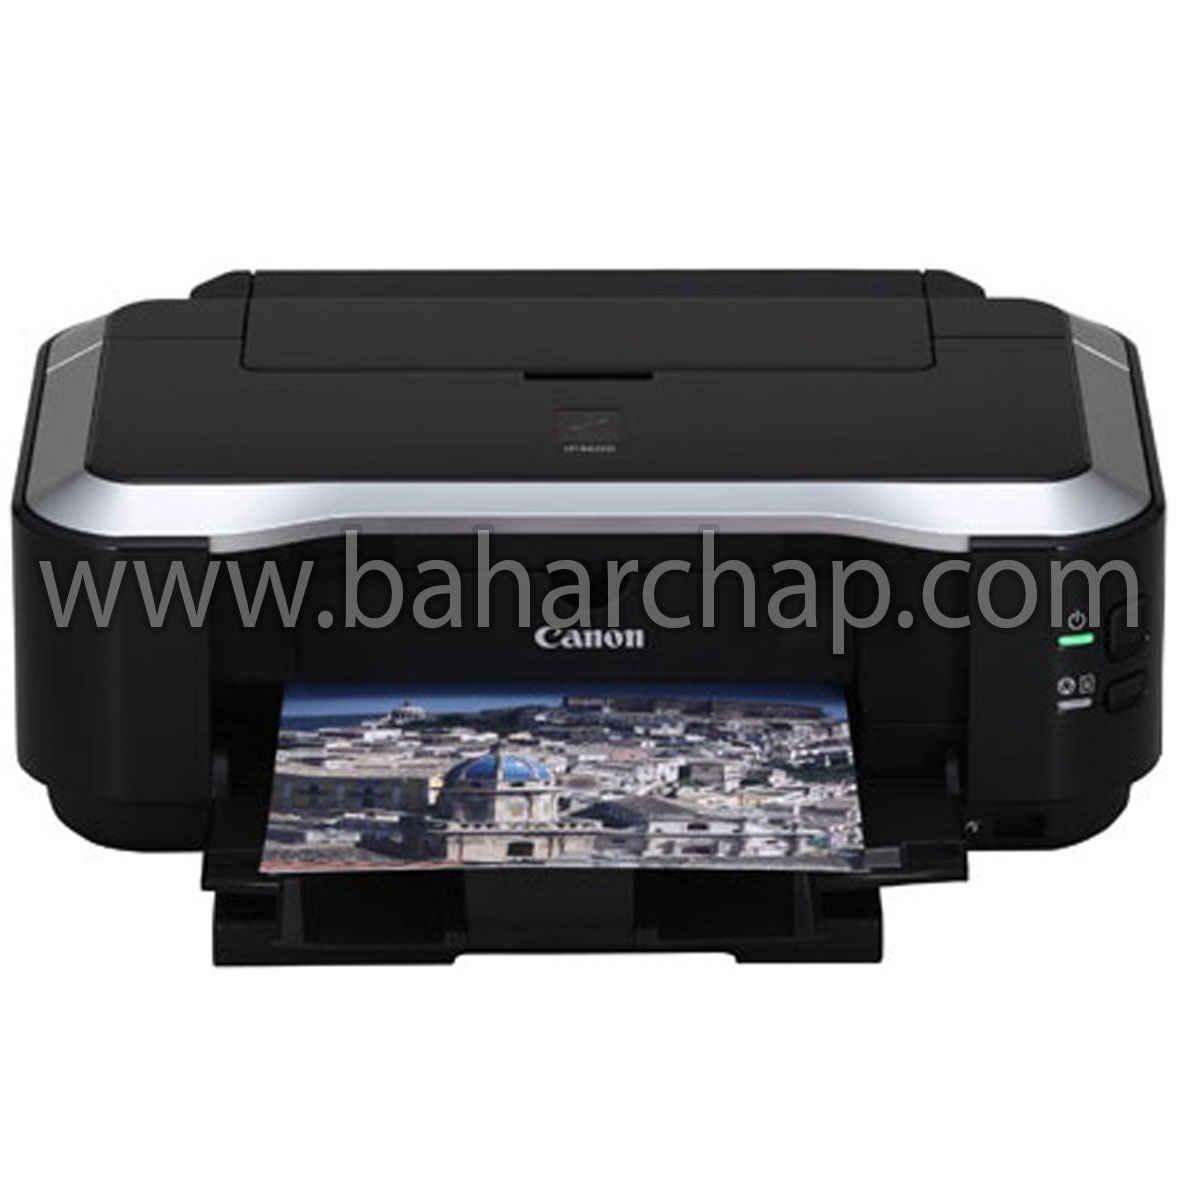 فروشگاه و خدمات اینترنتی بهارچاپ اصفهان-دانلود نرم افزار ریست پرینتر Canon IP5810-Reset canon by ST4905